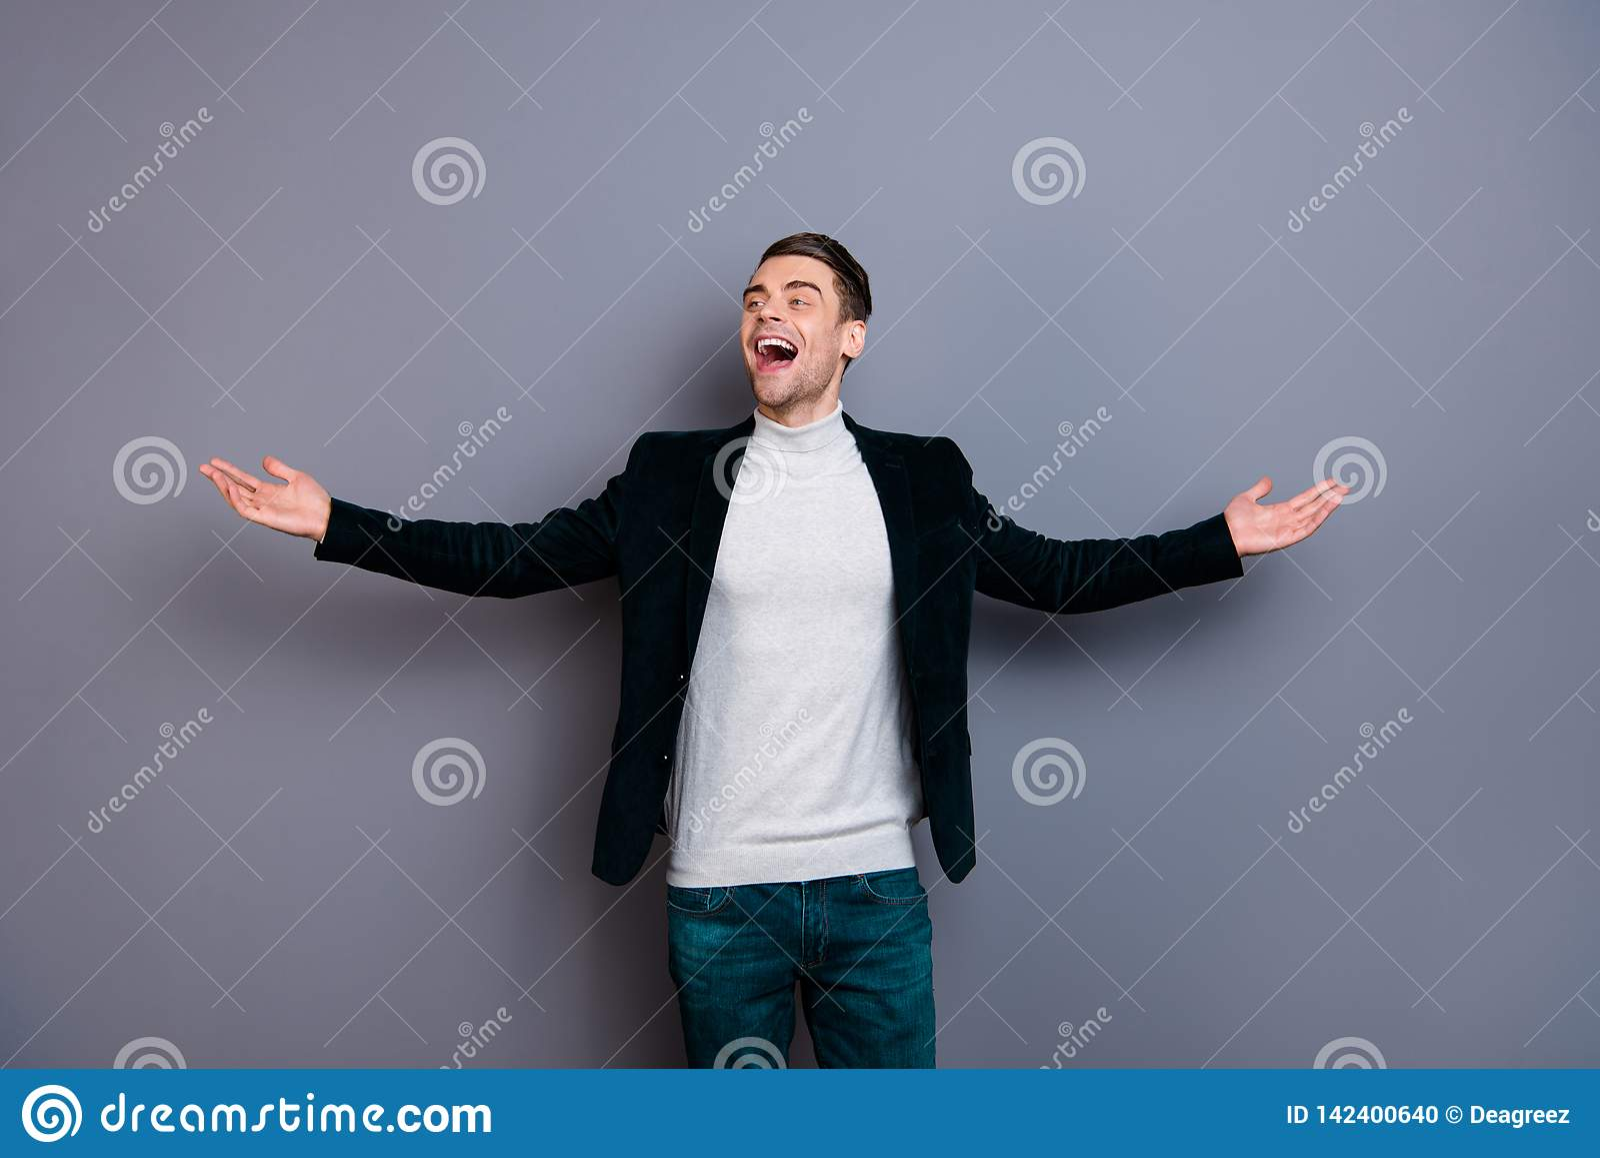 Πορτρέτο δικοί του αυτός συμπαθητικός χαριτωμένος όμορφος ελκυστικός ελεύθερος εύθυμος χαρωπός τύπος που φορά velveteen την ελευθ